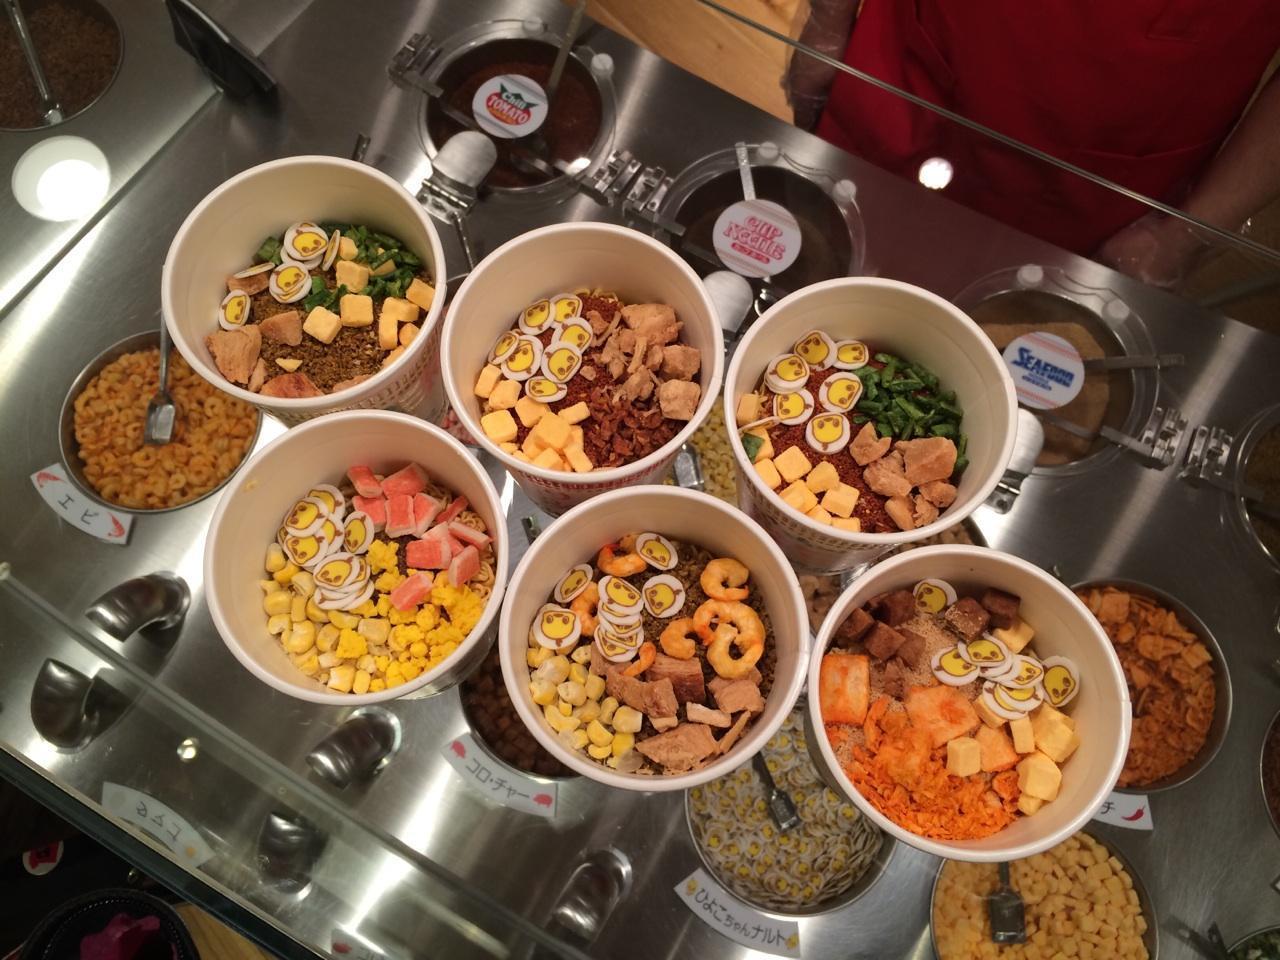 消夜泡麵再升級!3分鐘上桌的神好吃杯麵茶碗蒸幫你美、味、加、菜 | 消夜、拉麵、泡麵、蒸蛋、茶碗蒸 ...